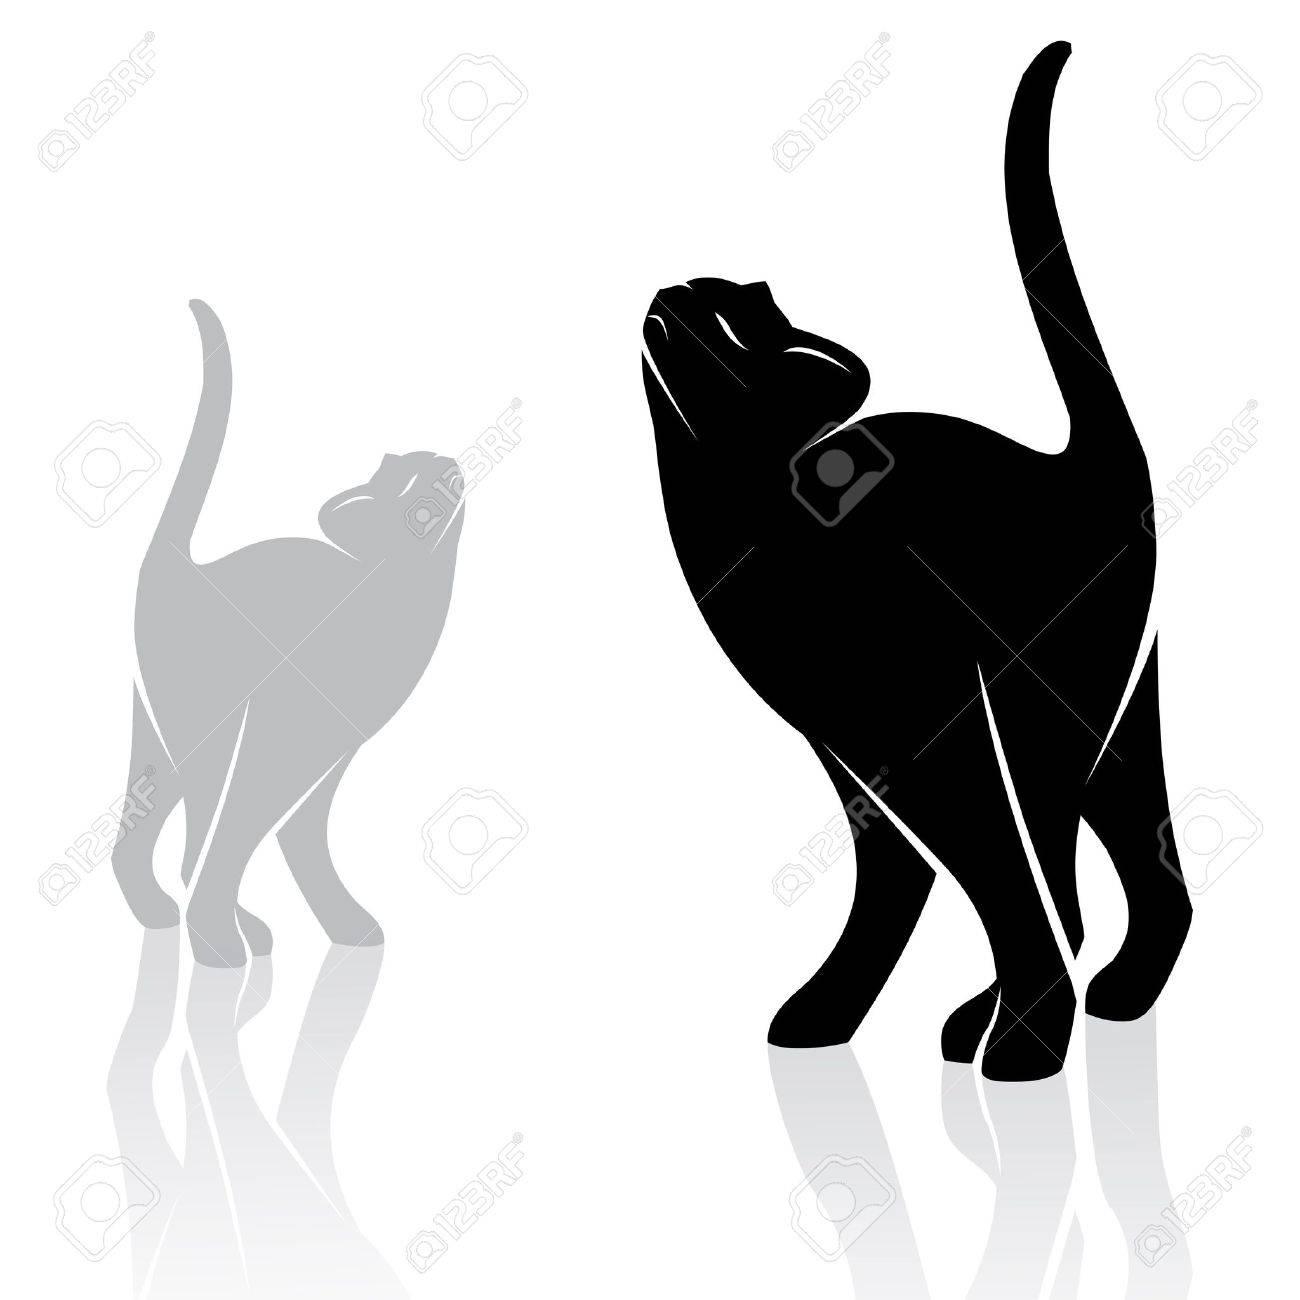 imagen de un gato en el fondo blanco Foto de archivo - 16746871